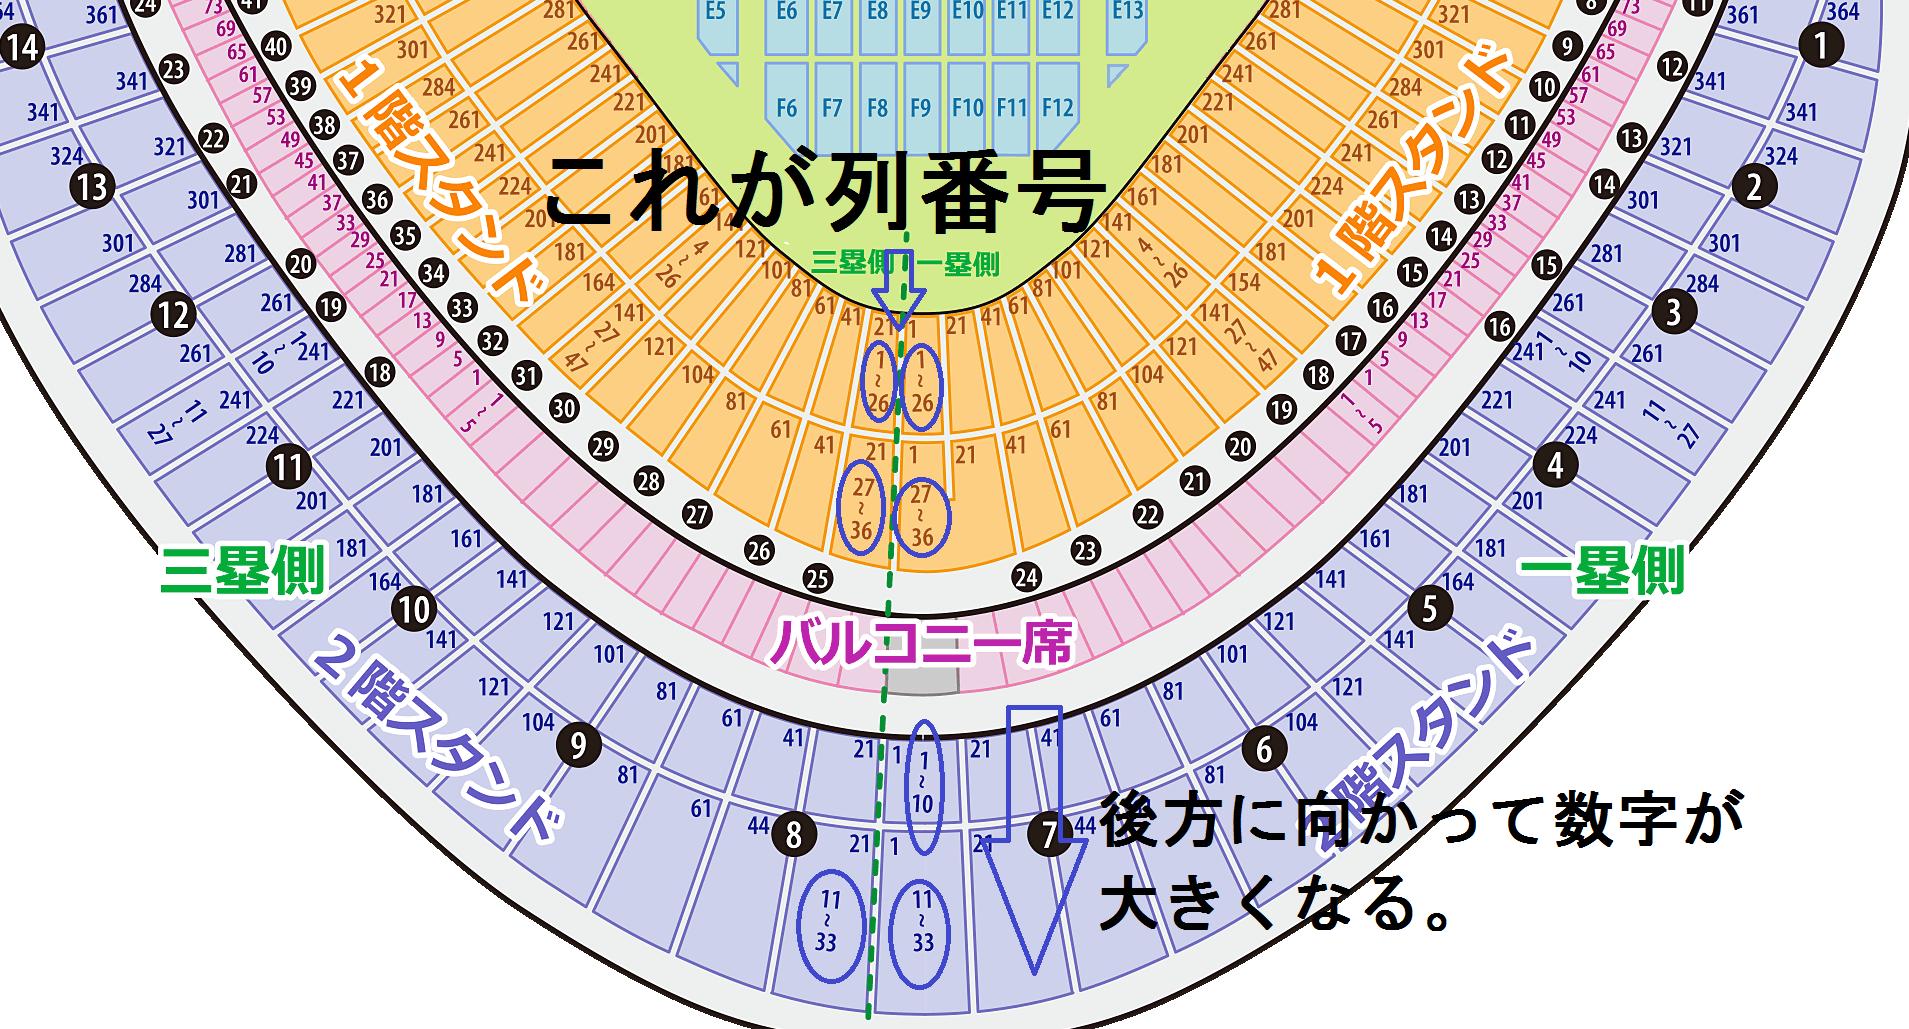 東京 ドーム 座席 表 詳細 東京ドームの座席表が一目でわかる!1塁側と3塁側、上段と下段、通路...